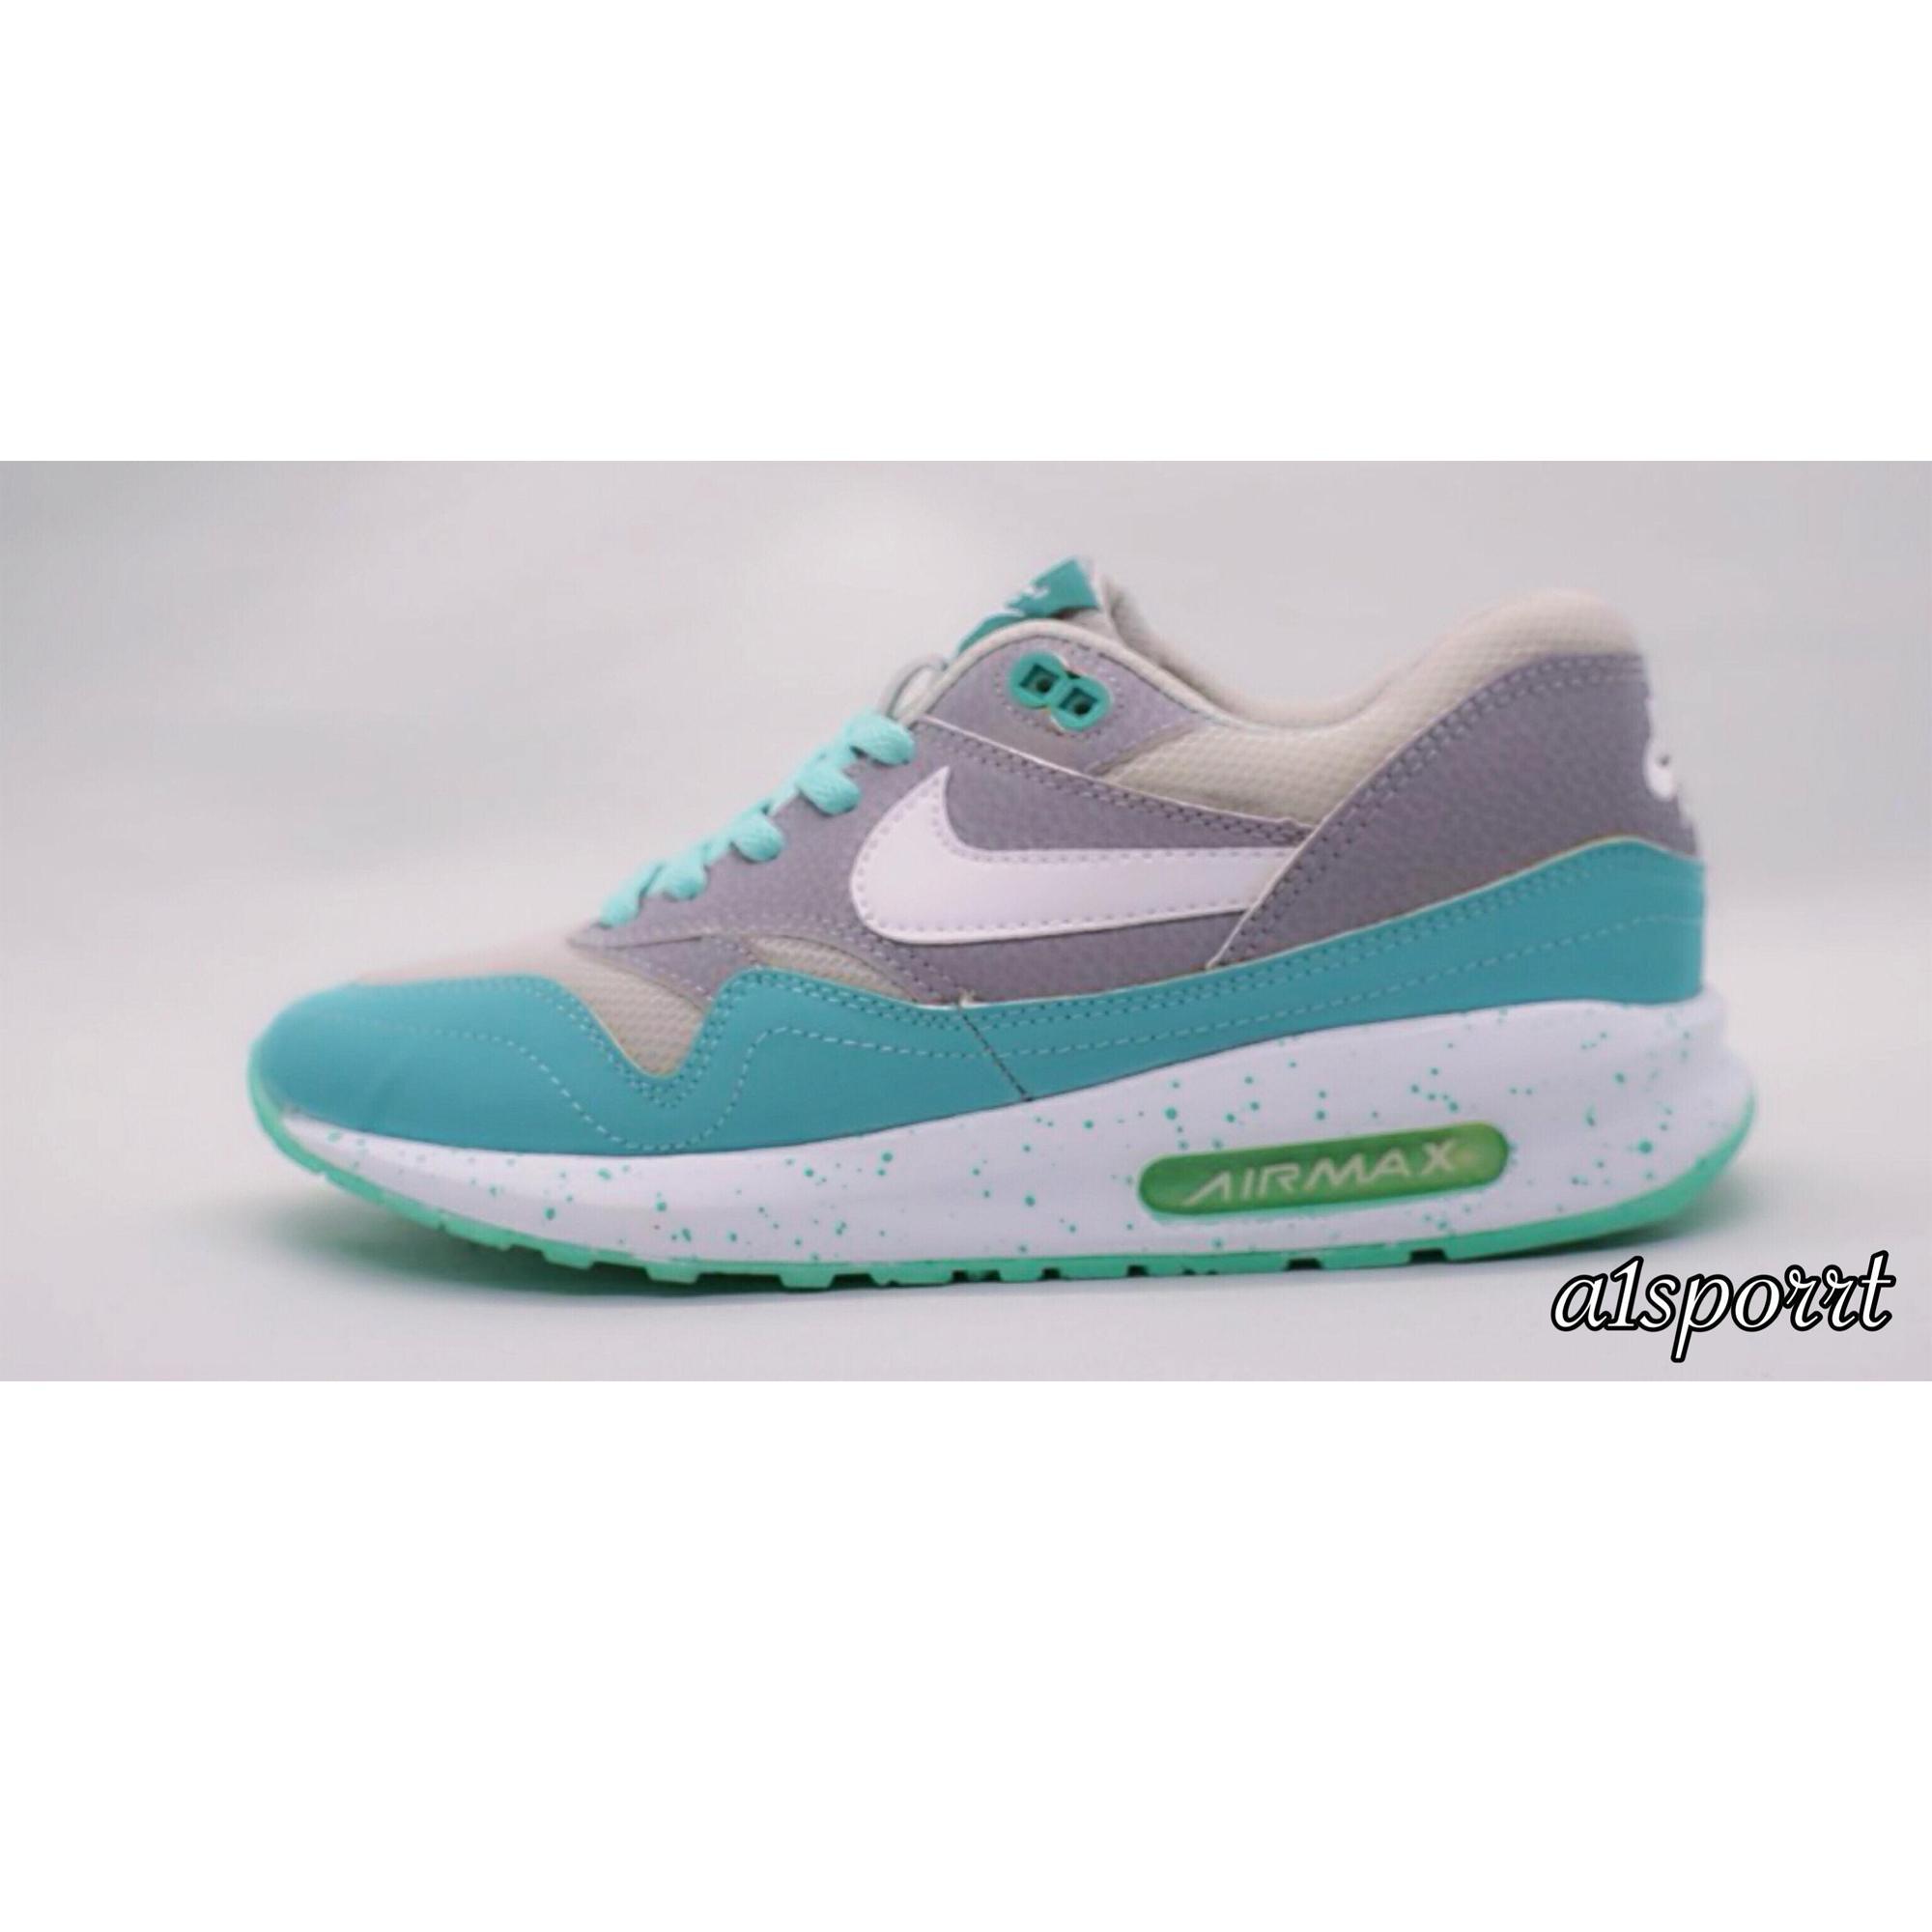 Nike Airmax Kualitas Premium Abu Hijau List Putih